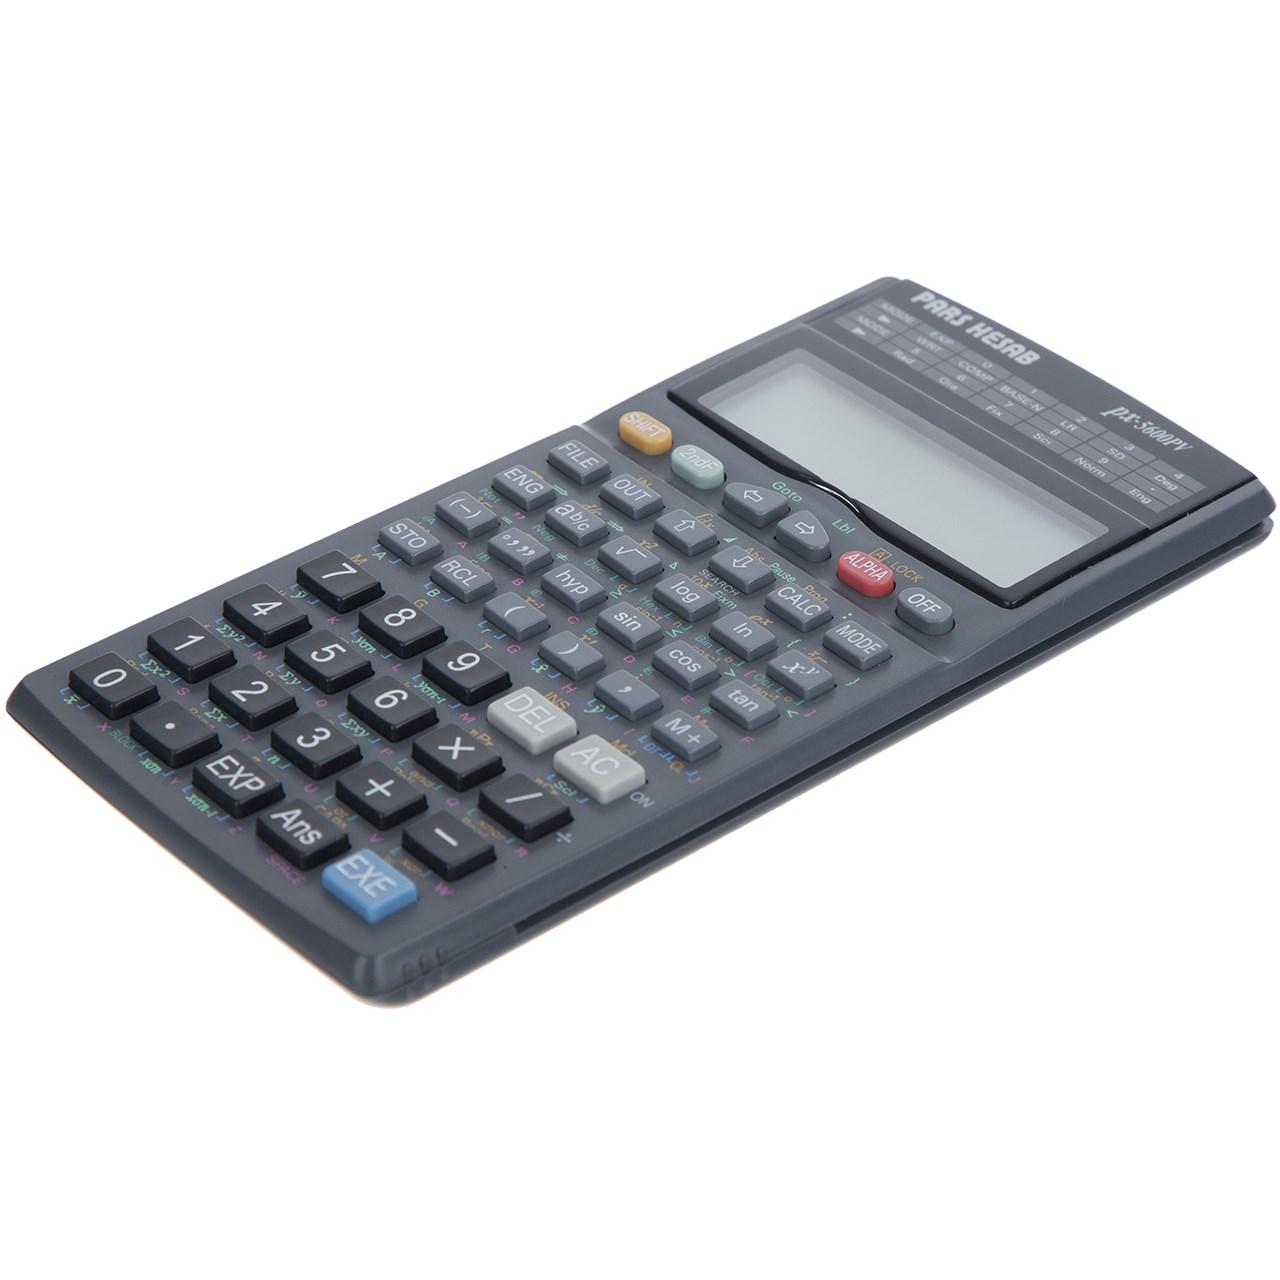 ماشین حساب پارس حساب مدل px-5600PV